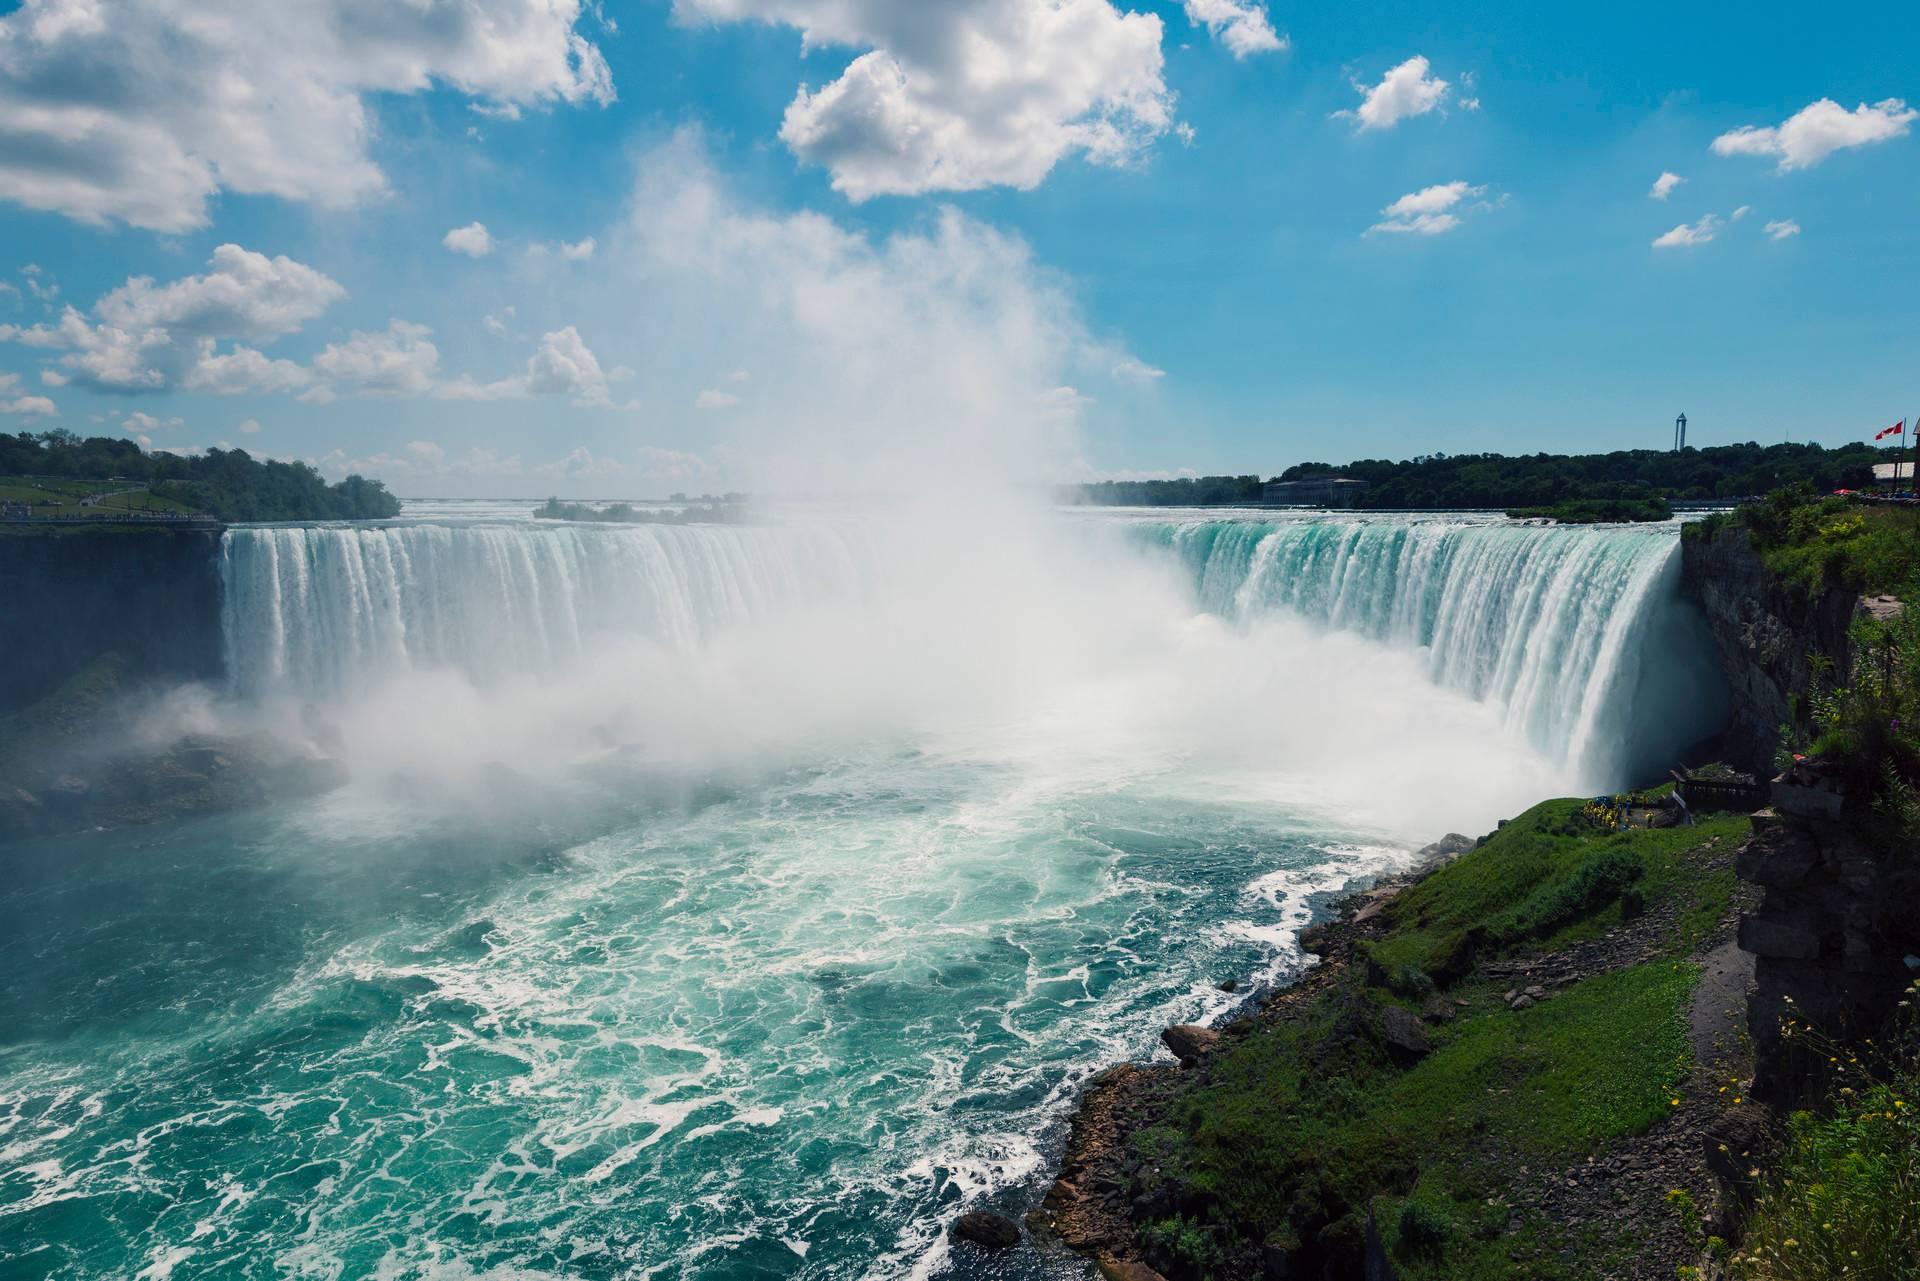 加拿大·多伦多+金斯顿+渥太华+班夫国家公园·13天11晚